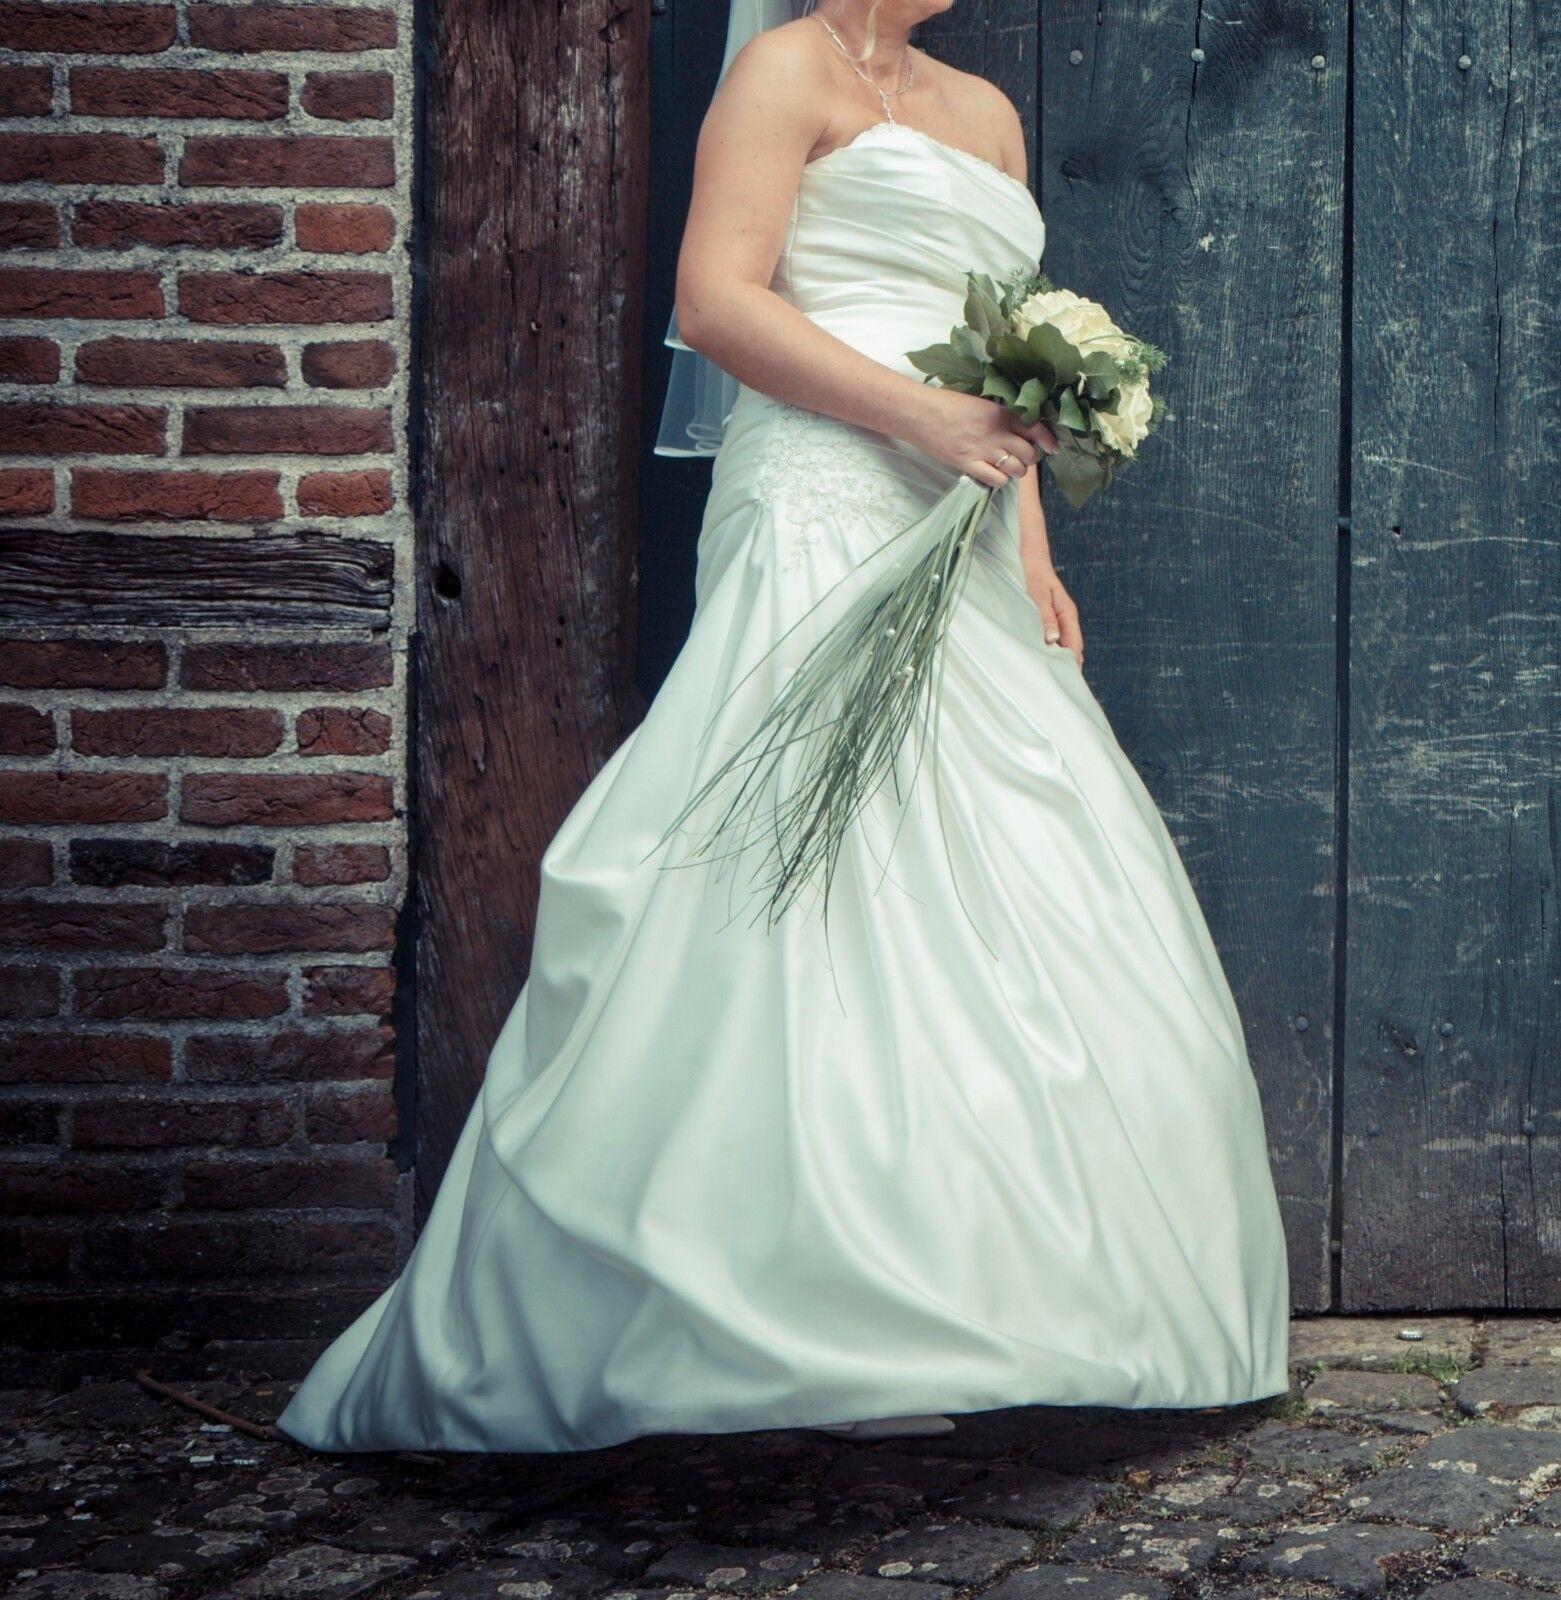 Brautkleid Brautkleid Brautkleid Größe 38 Brautkleid Gr.38 Amelie Hochzeitskleid Gr.38 Top   NP 1200,-    Ideales Geschenk für alle Gelegenheiten    Schön geformt    Sale Online Shop  263e42